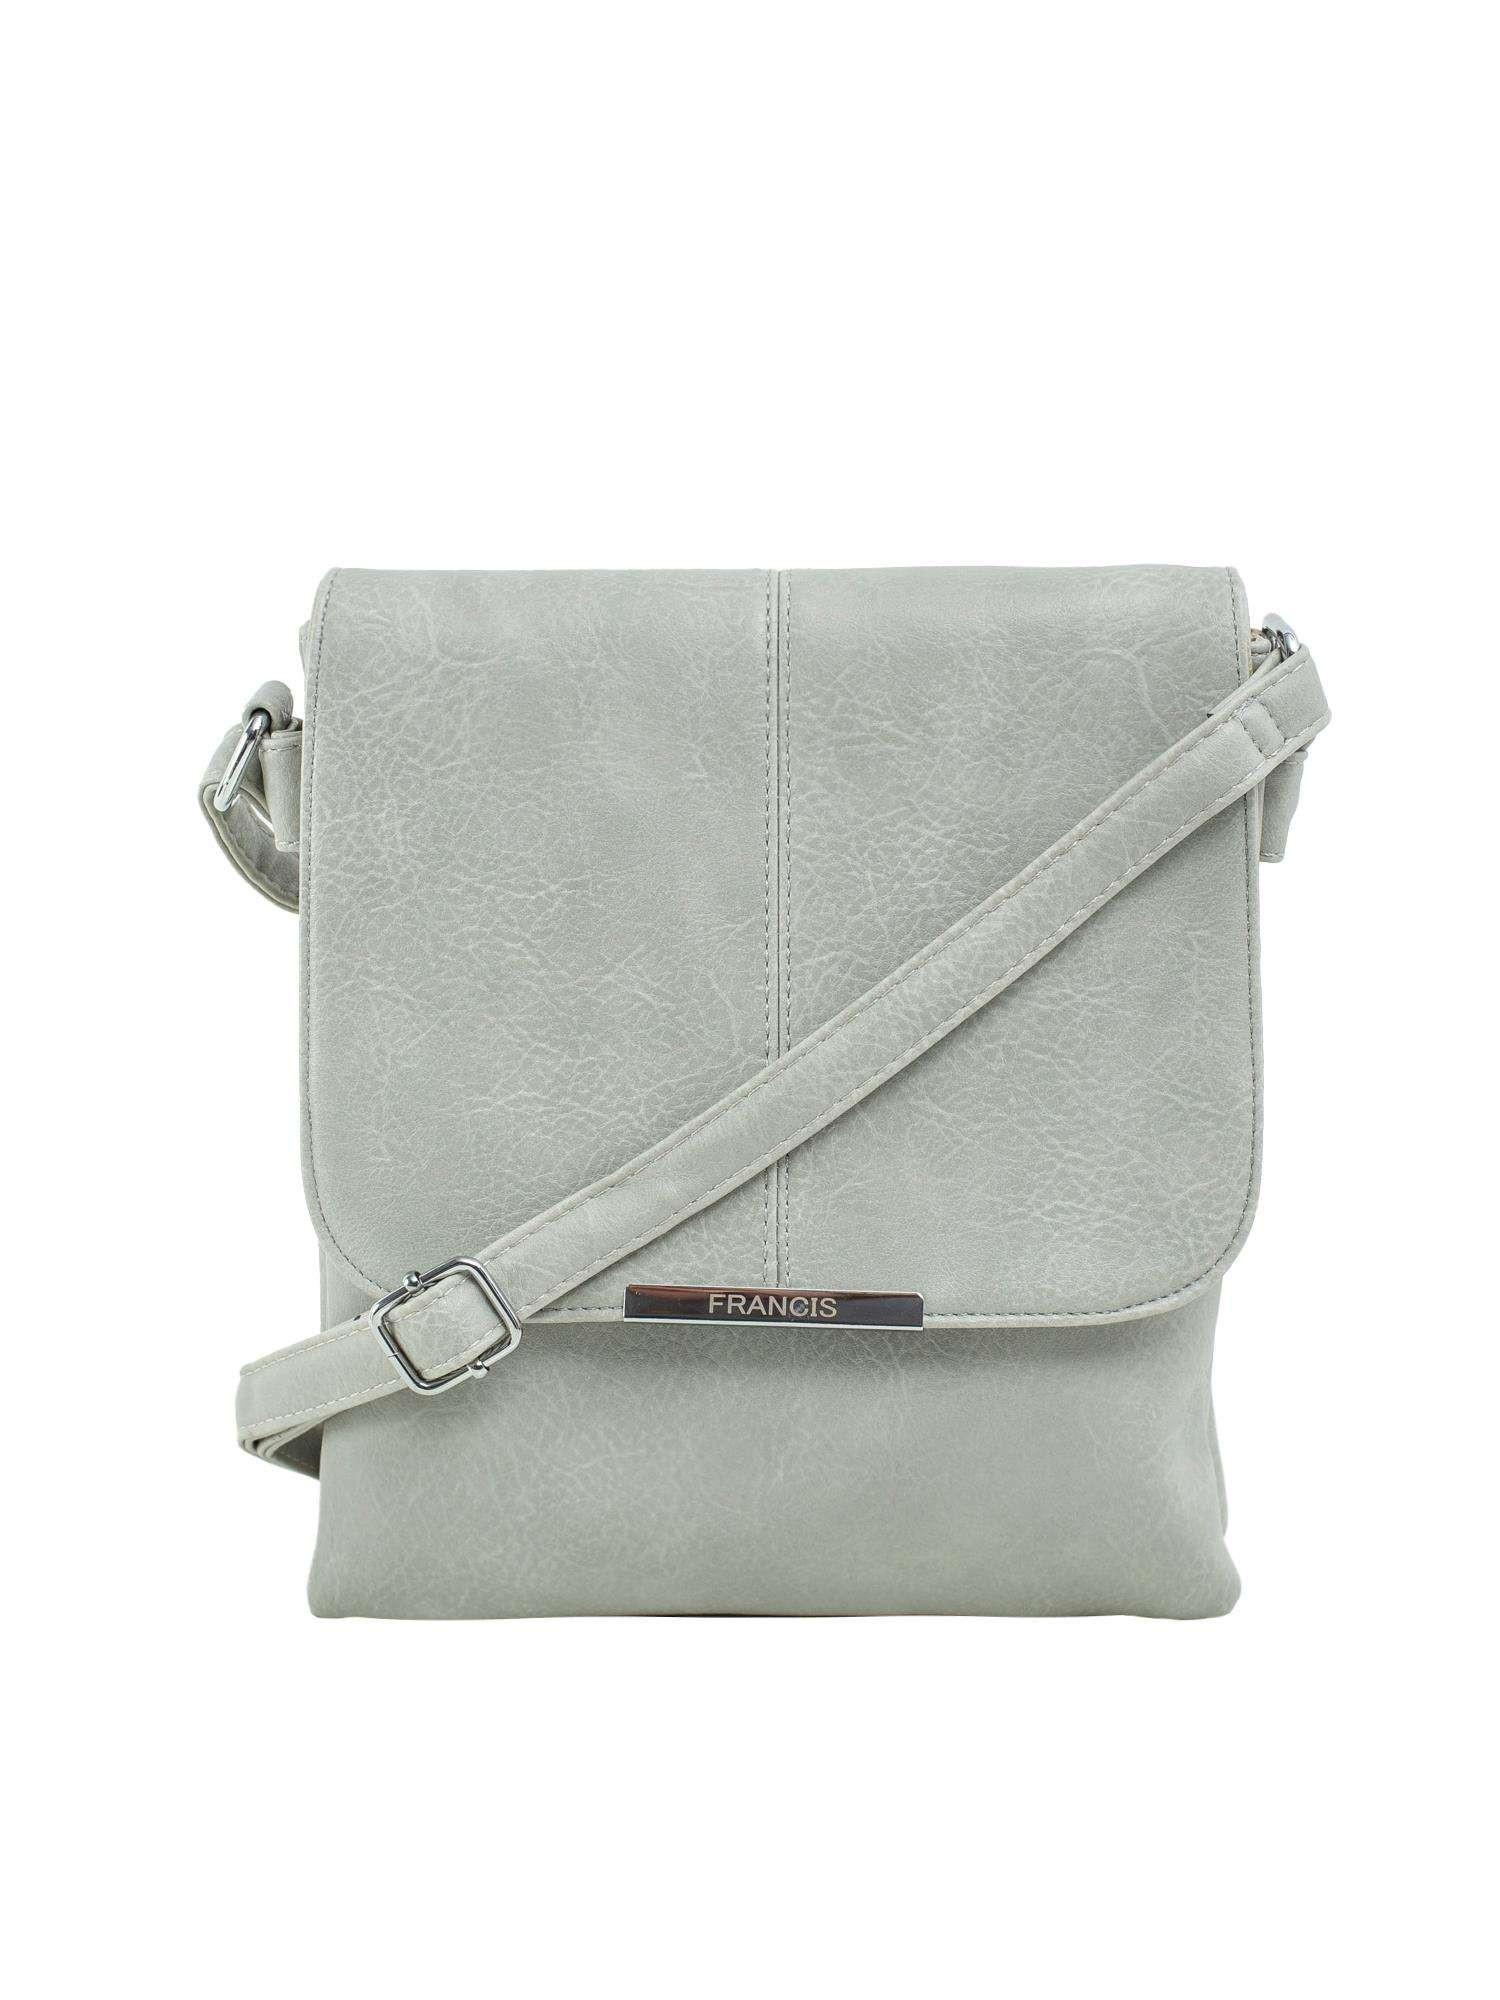 Šedá dámska taška s chlopňou ONE SIZE